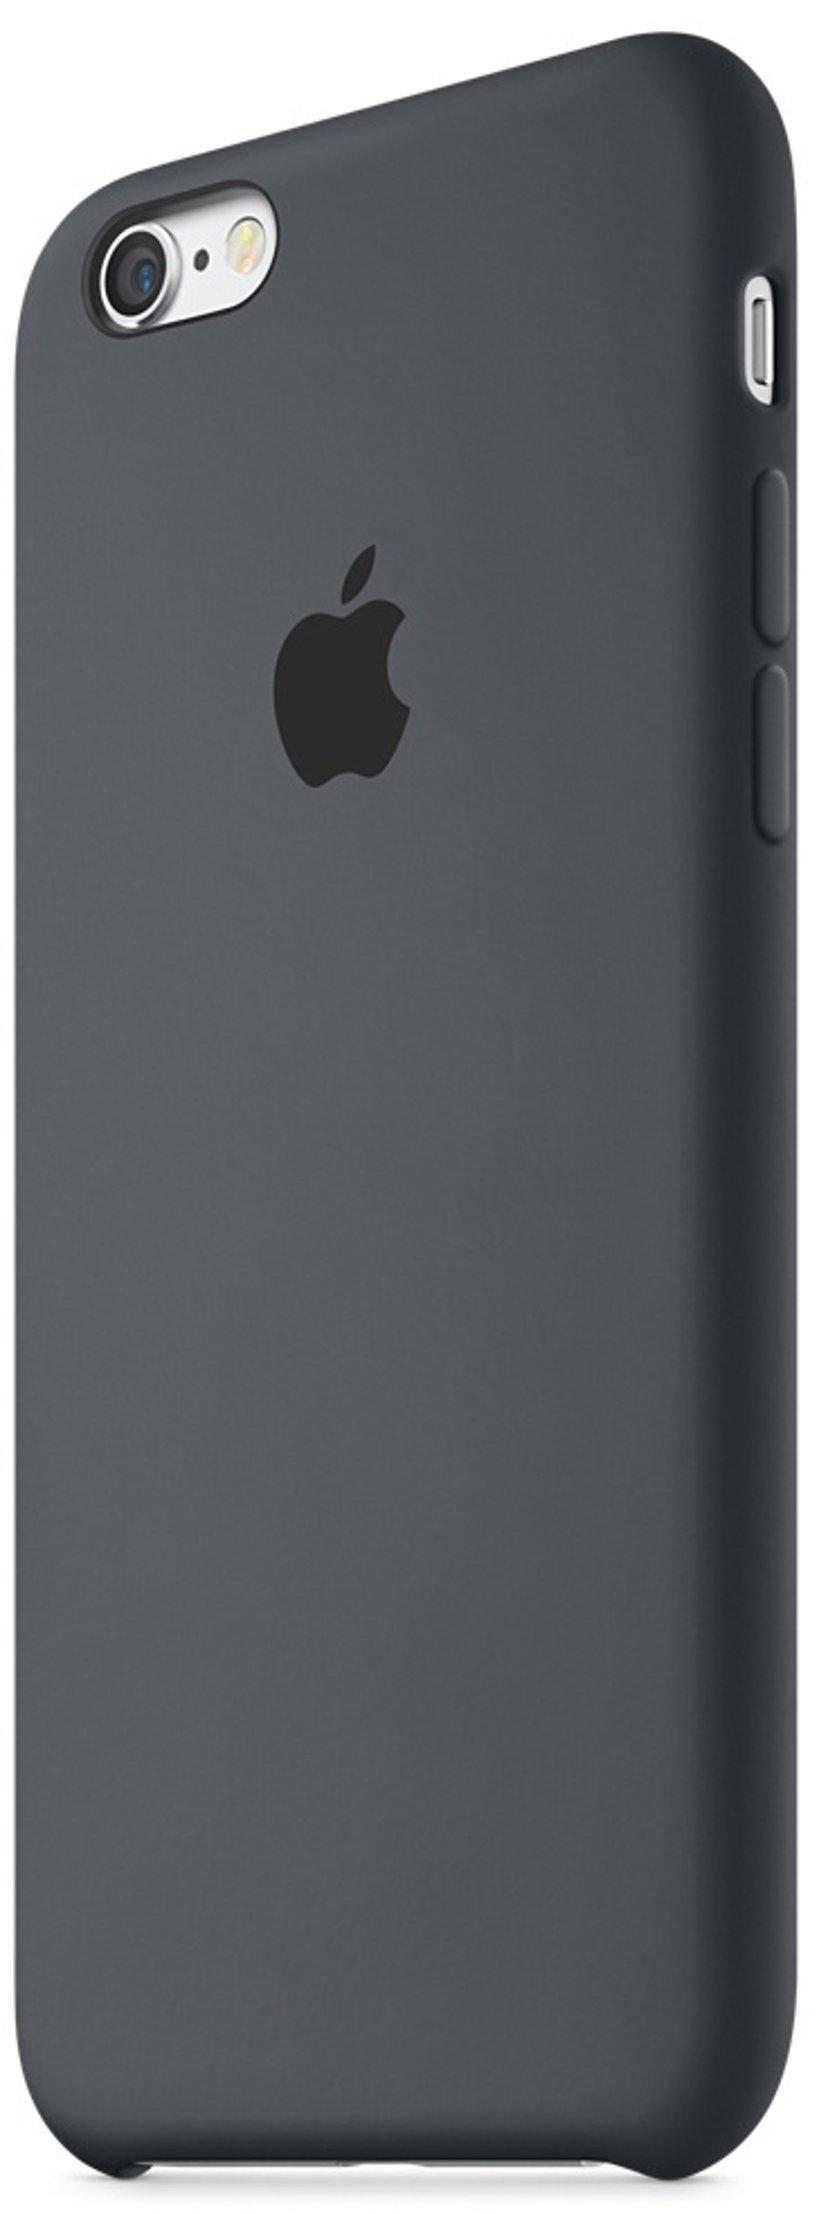 Apple Baksidedeksel For Mobiltelefon Trekullgrå iPhone 6/6s